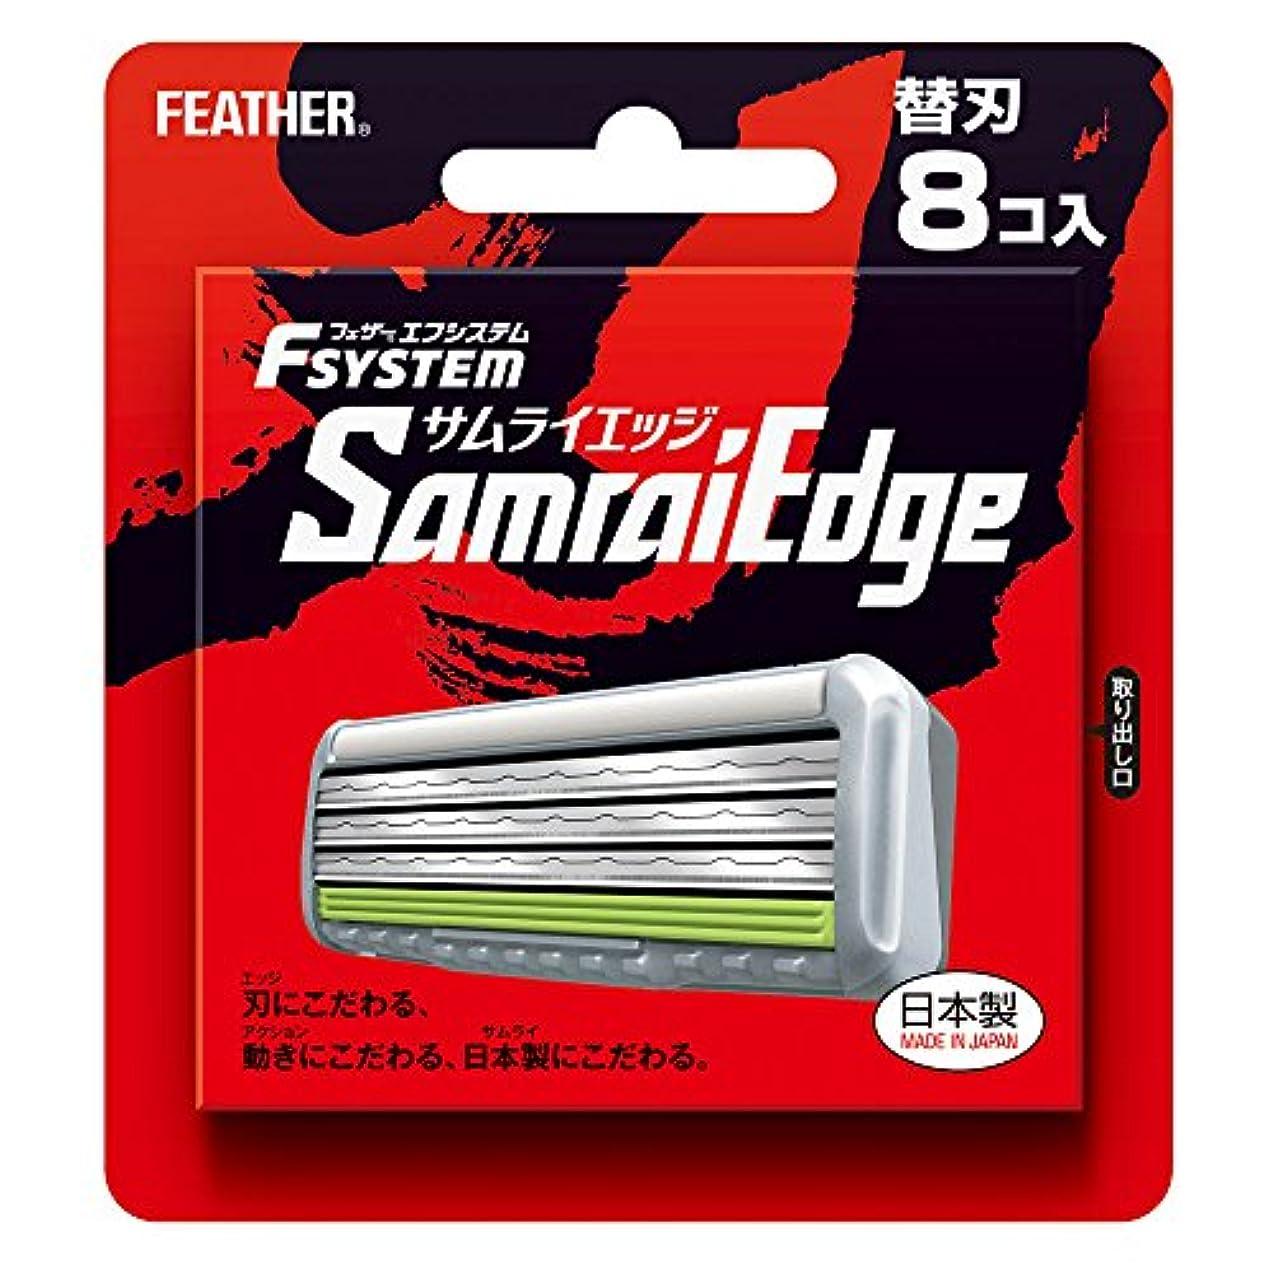 自宅で料理閃光フェザー エフシステム 替刃 サムライエッジ 8コ入 (日本製)